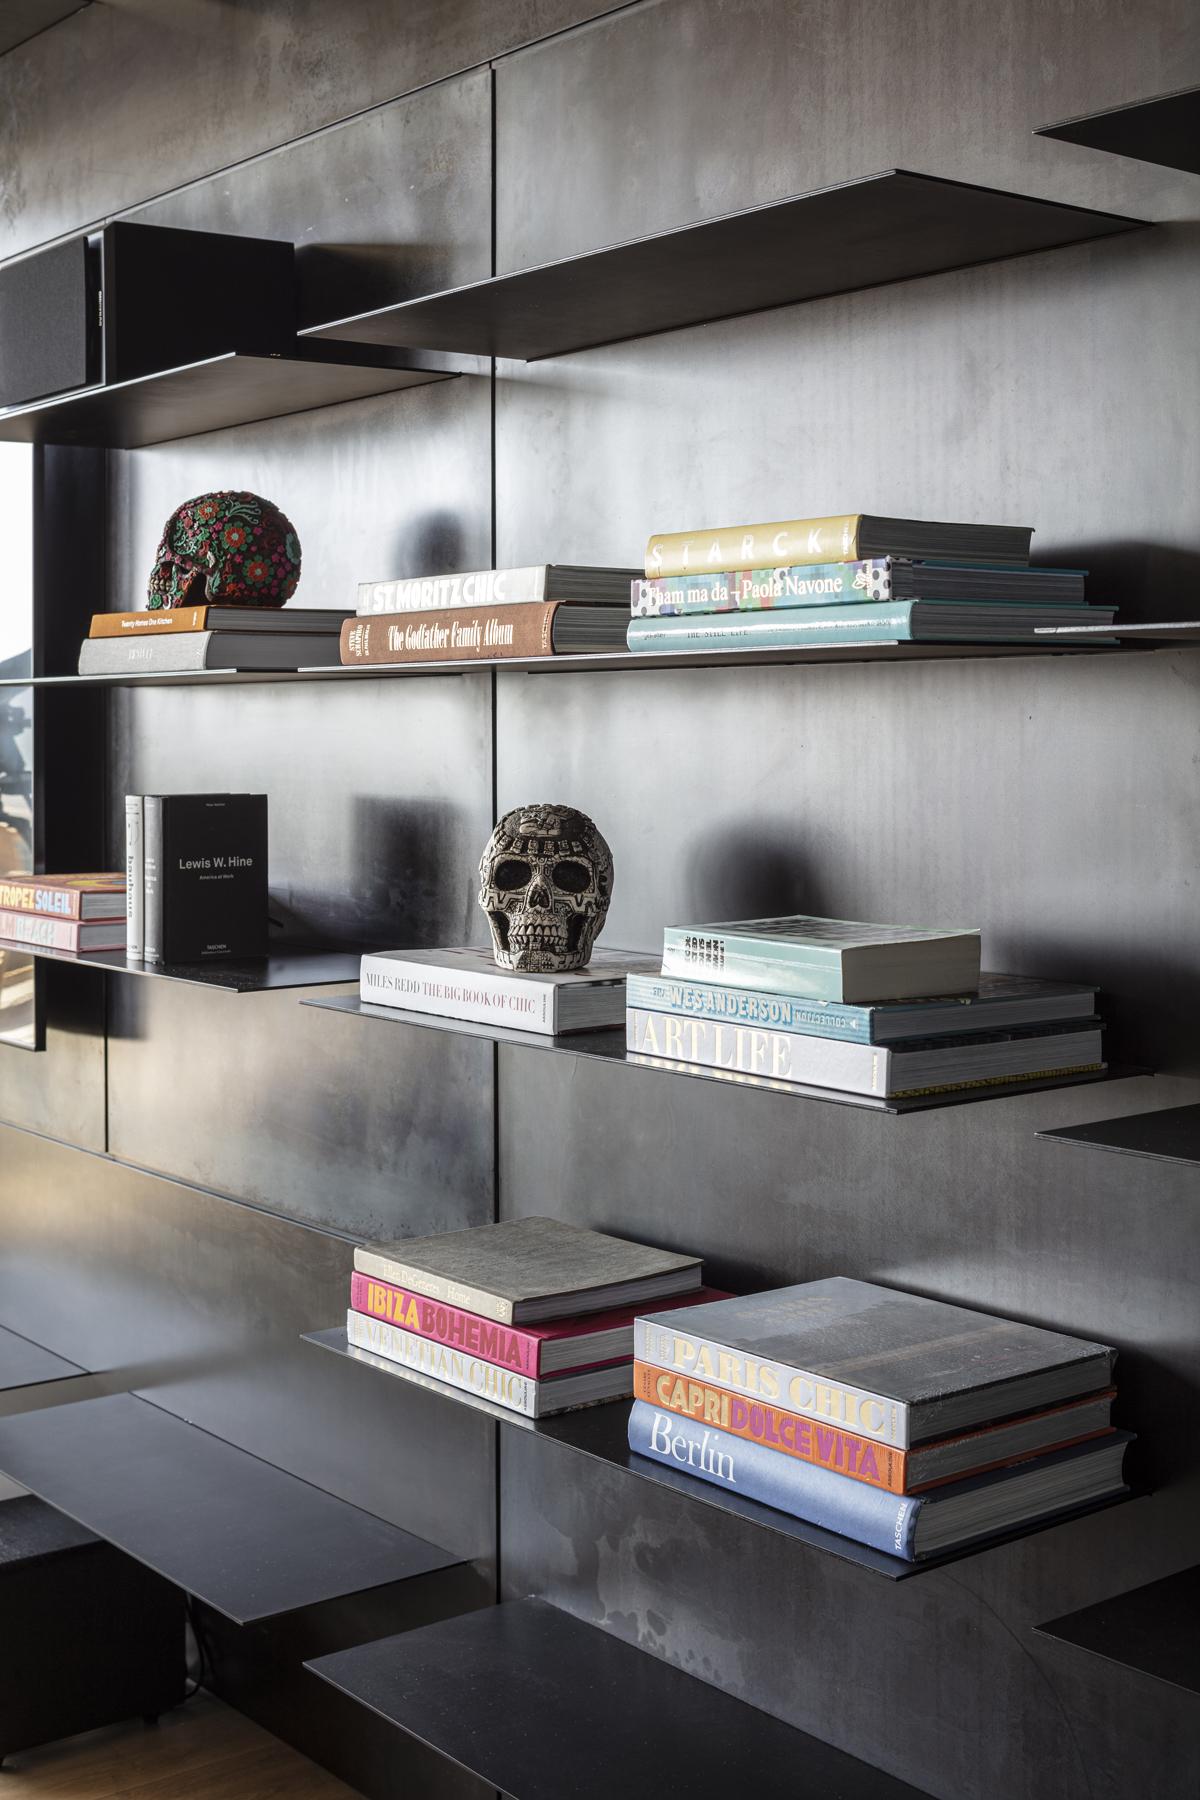 מדפים מרחפים - עיצוב ספריה